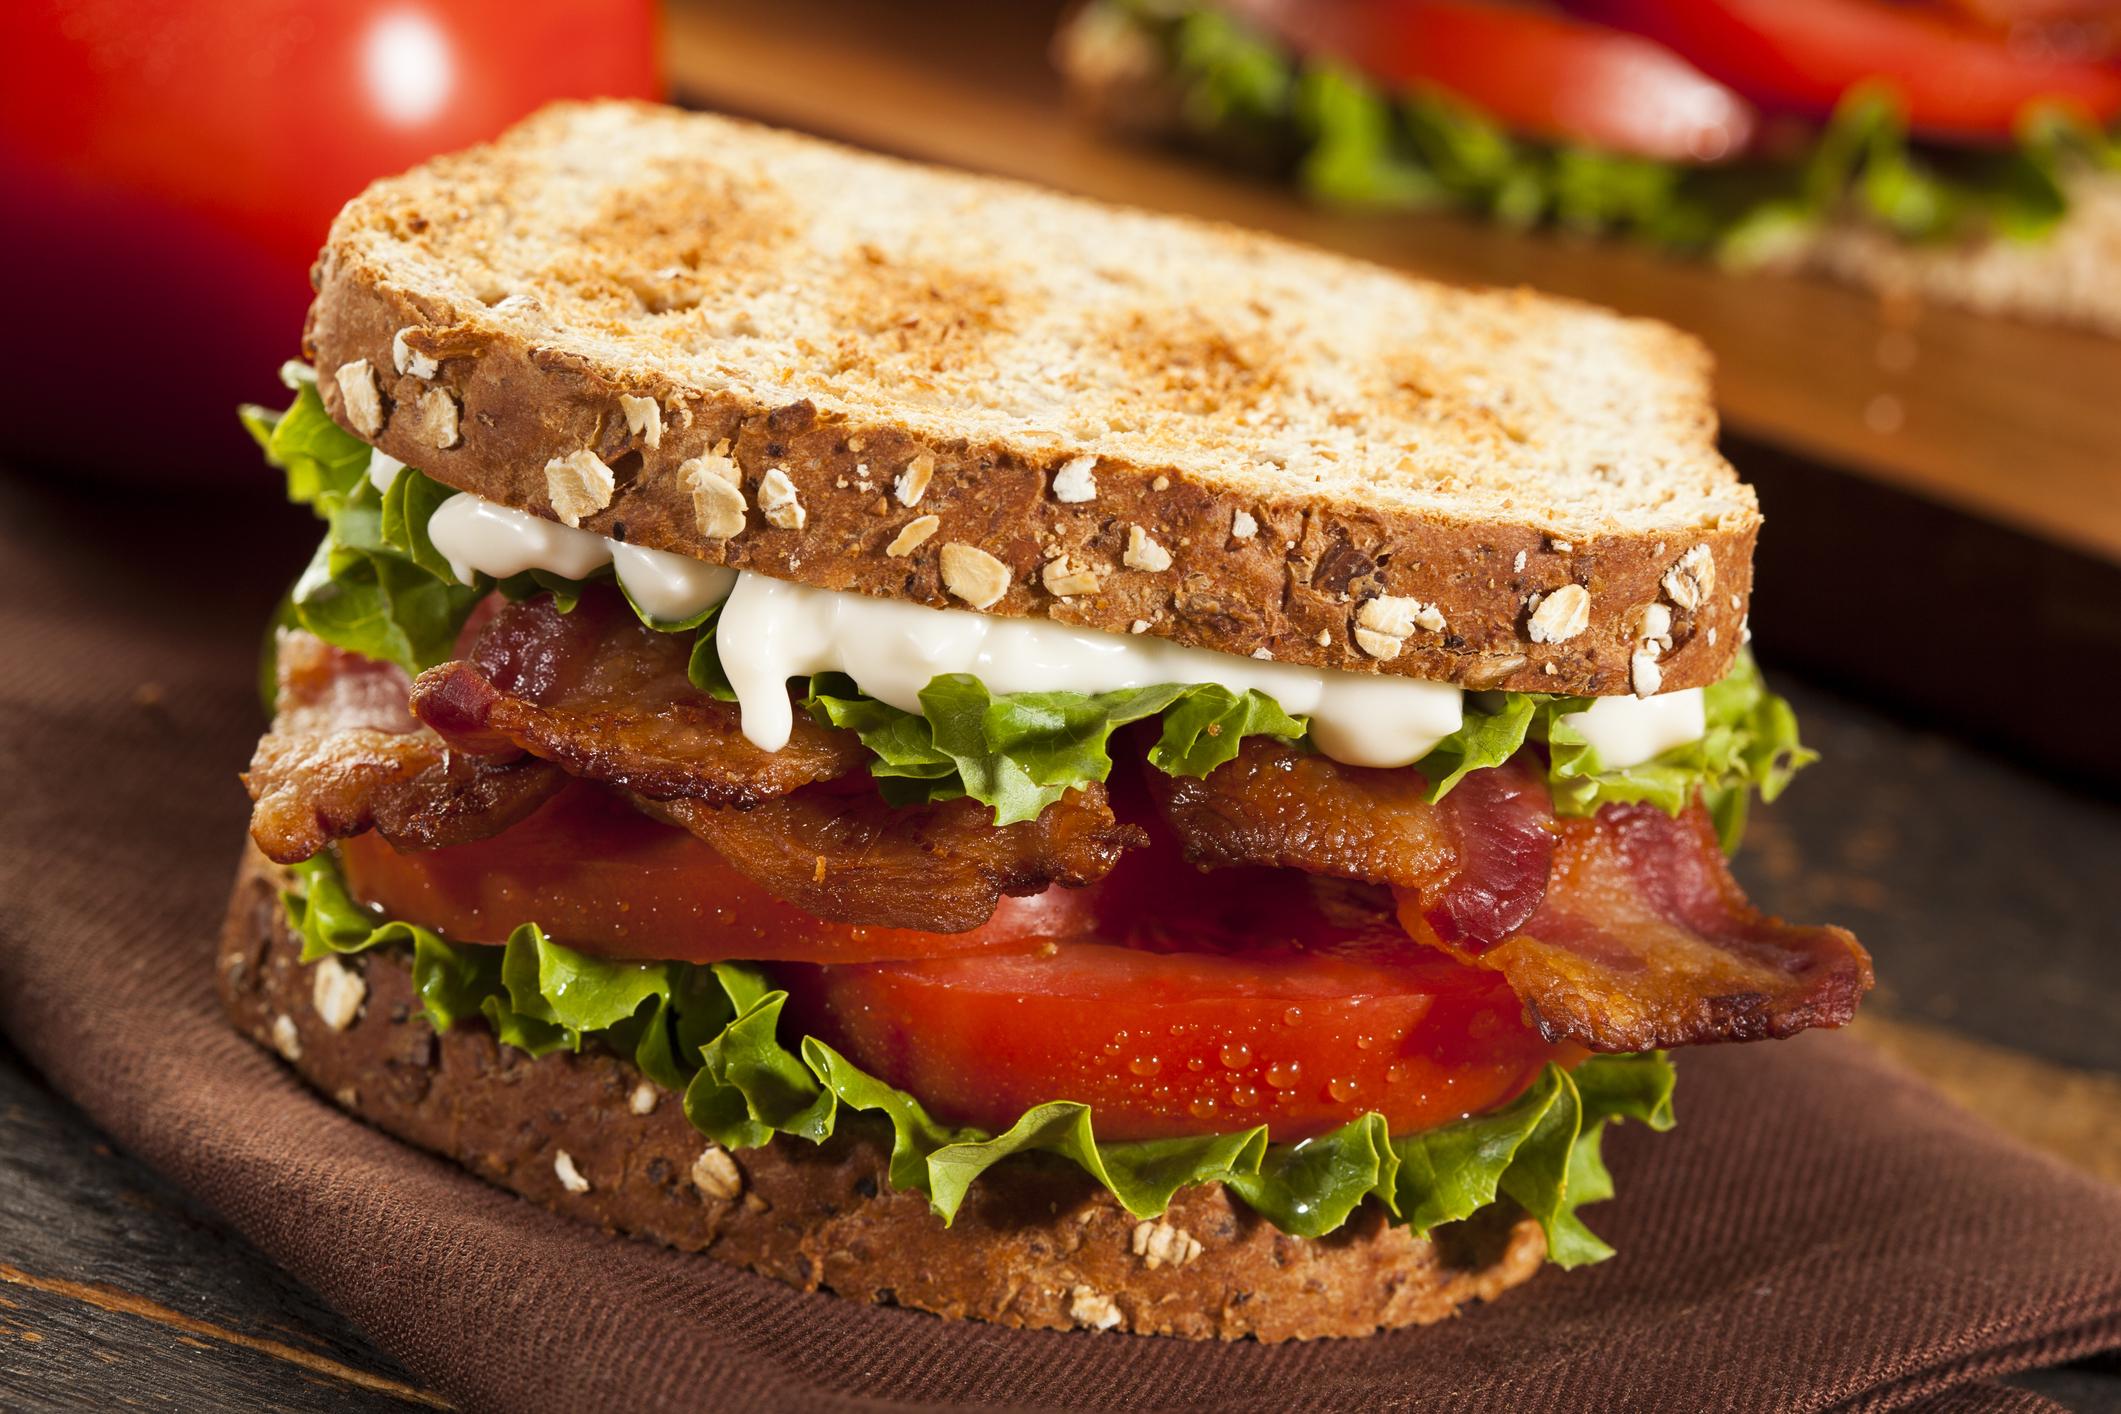 Classic Bacon, Lettuce & Tomato